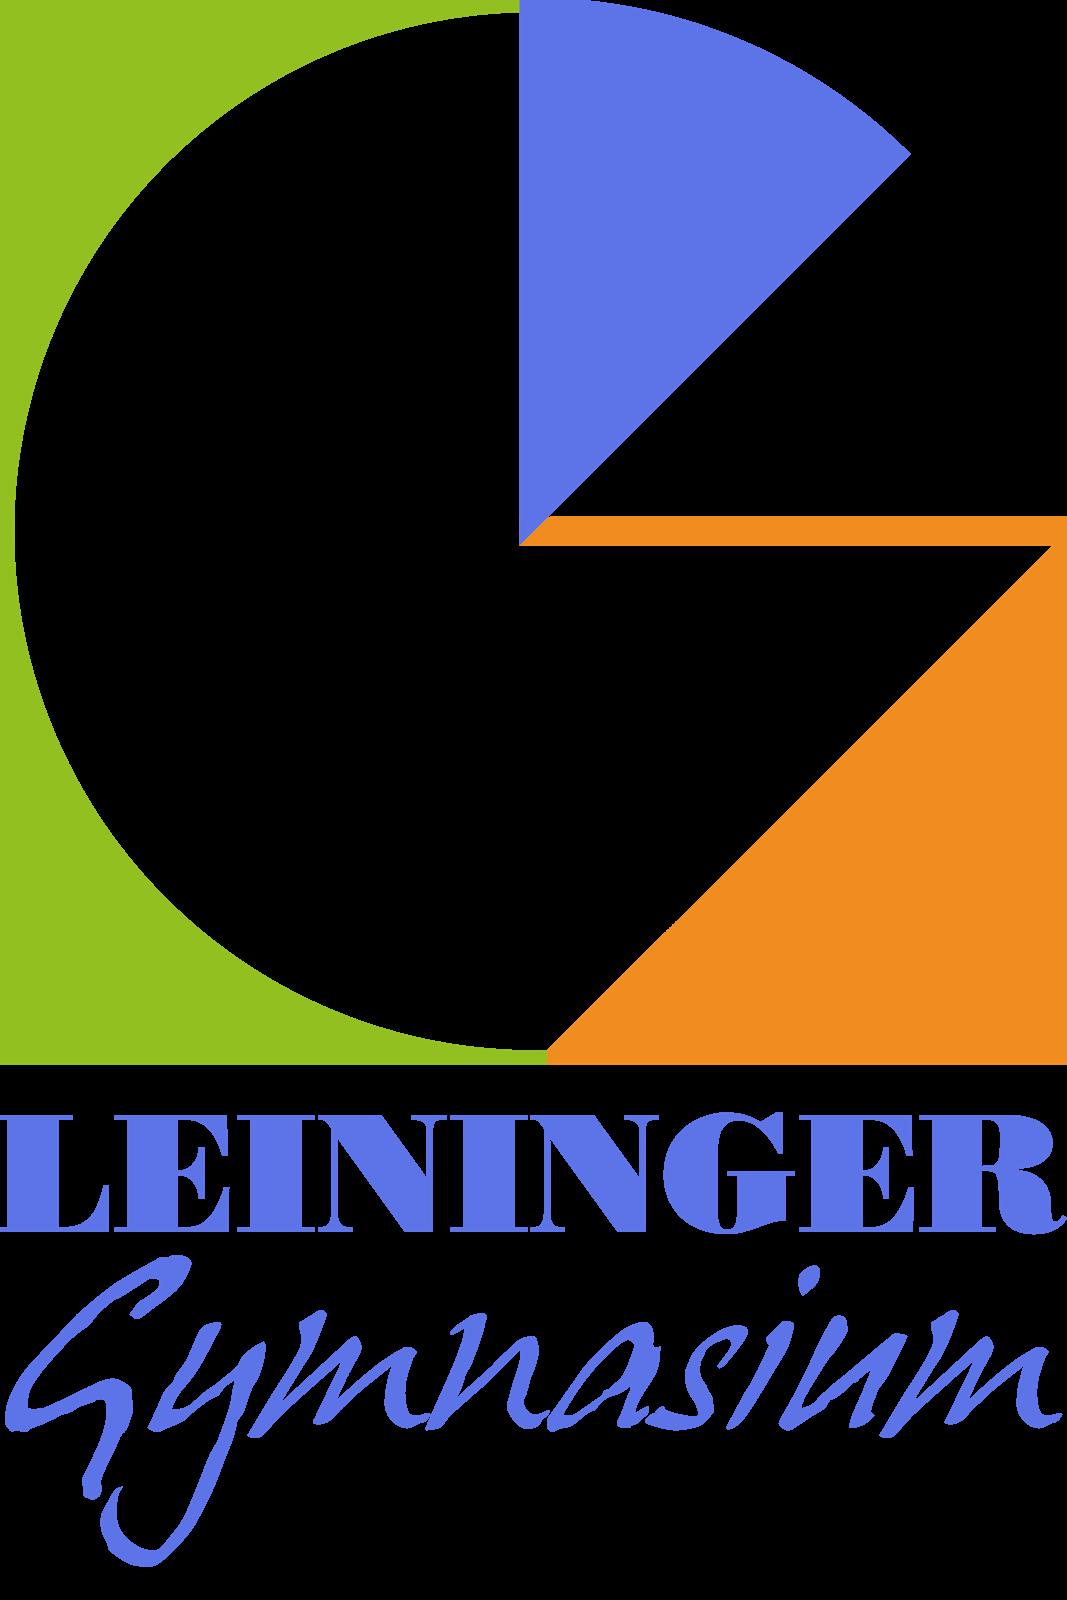 Leininger Gymnasium